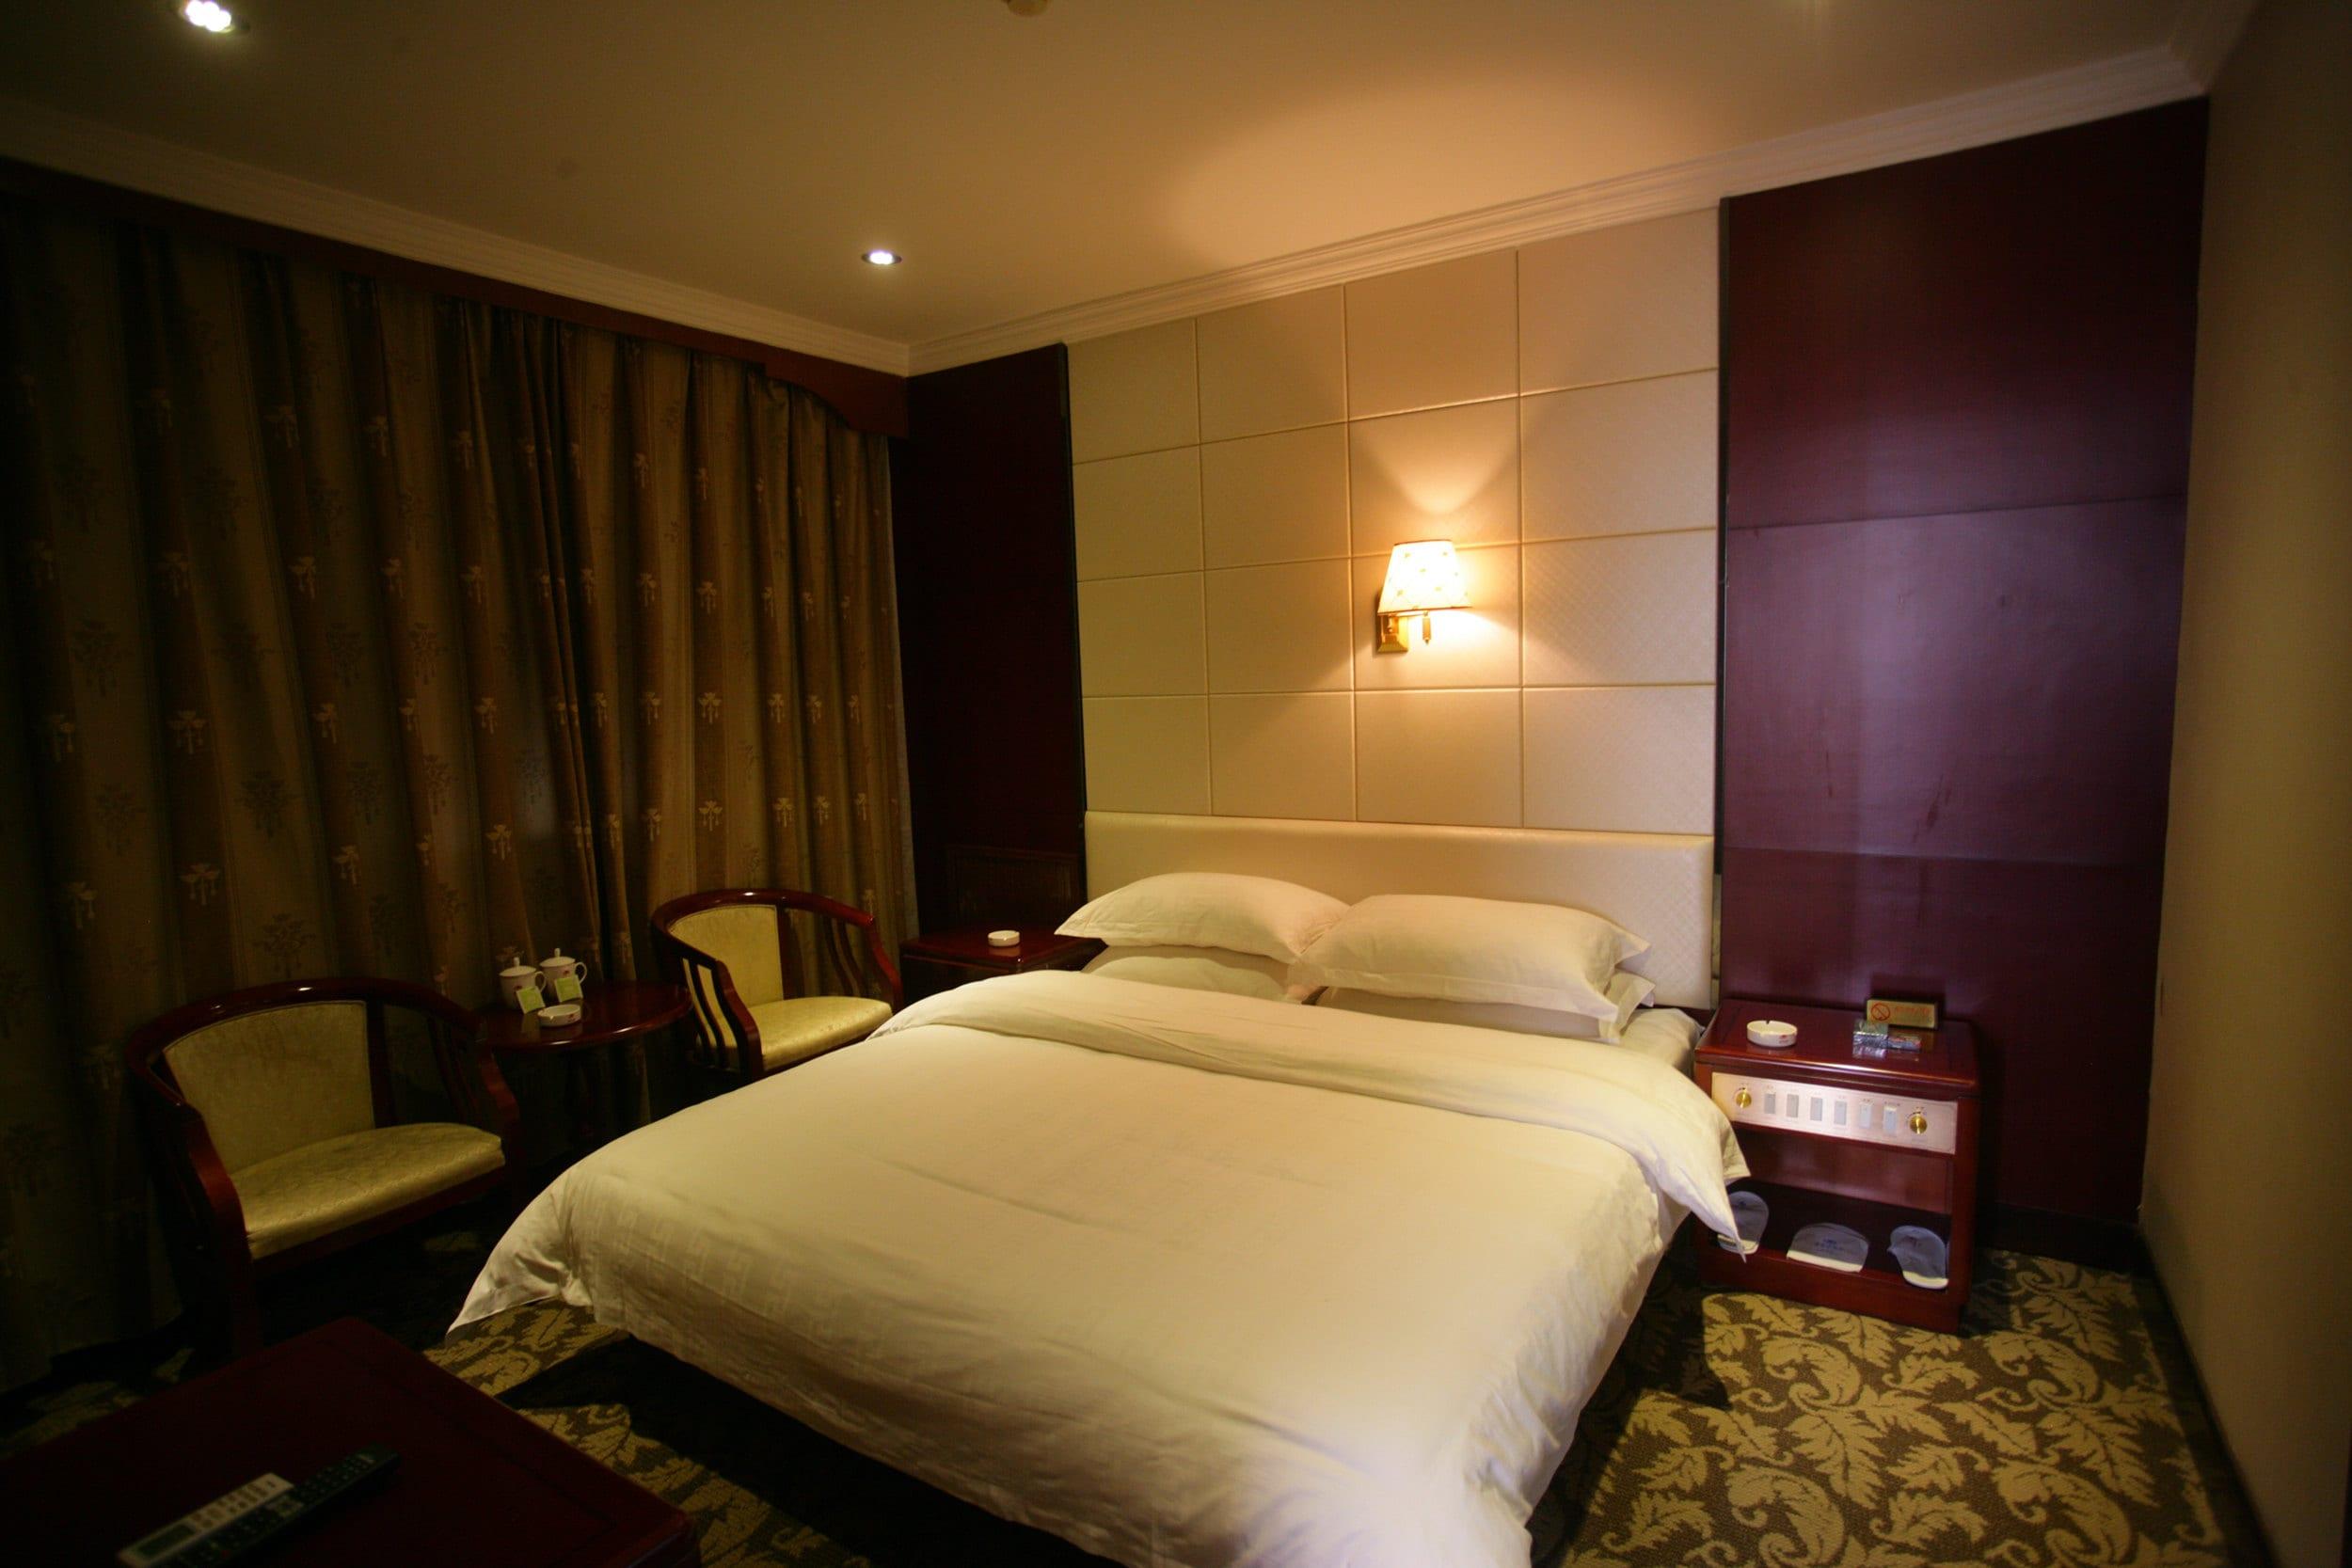 宾馆单间设计图展示